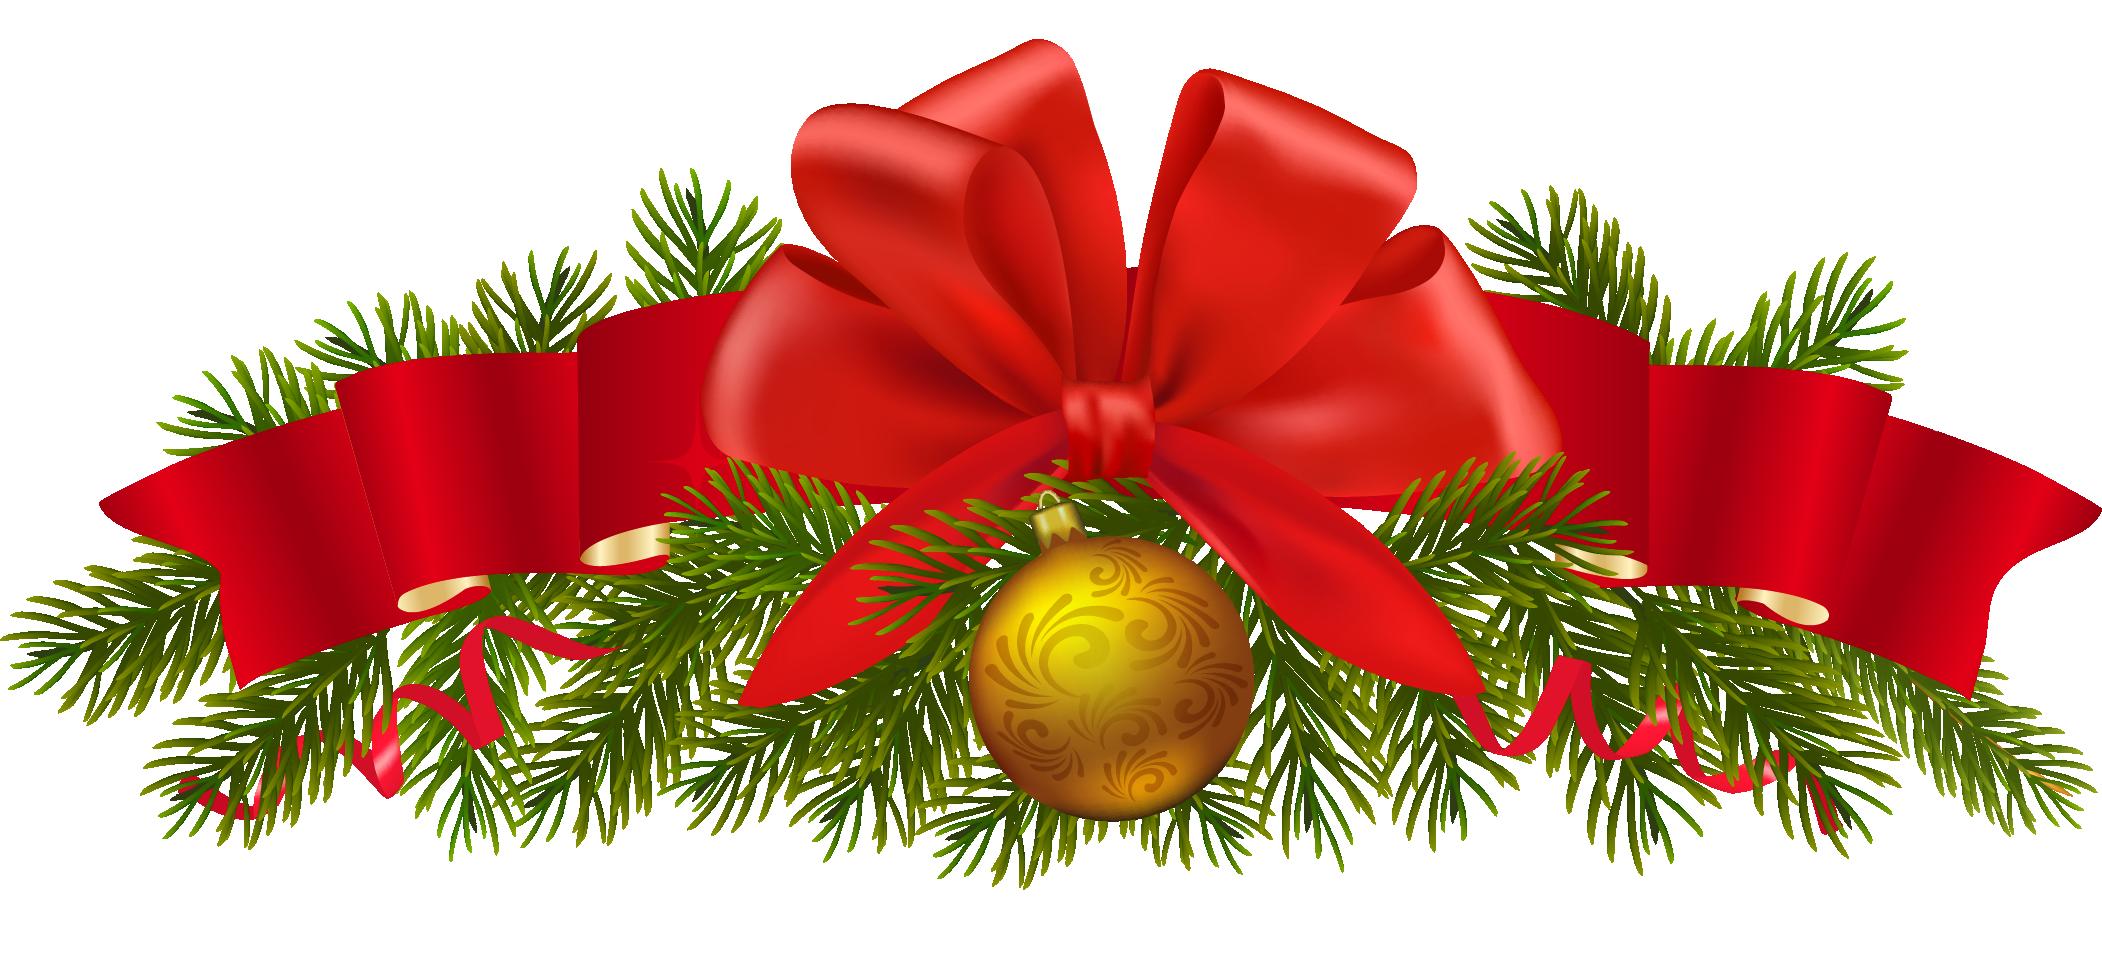 Transparent_Pine_Christmas_Decoration_PNG_Clipart